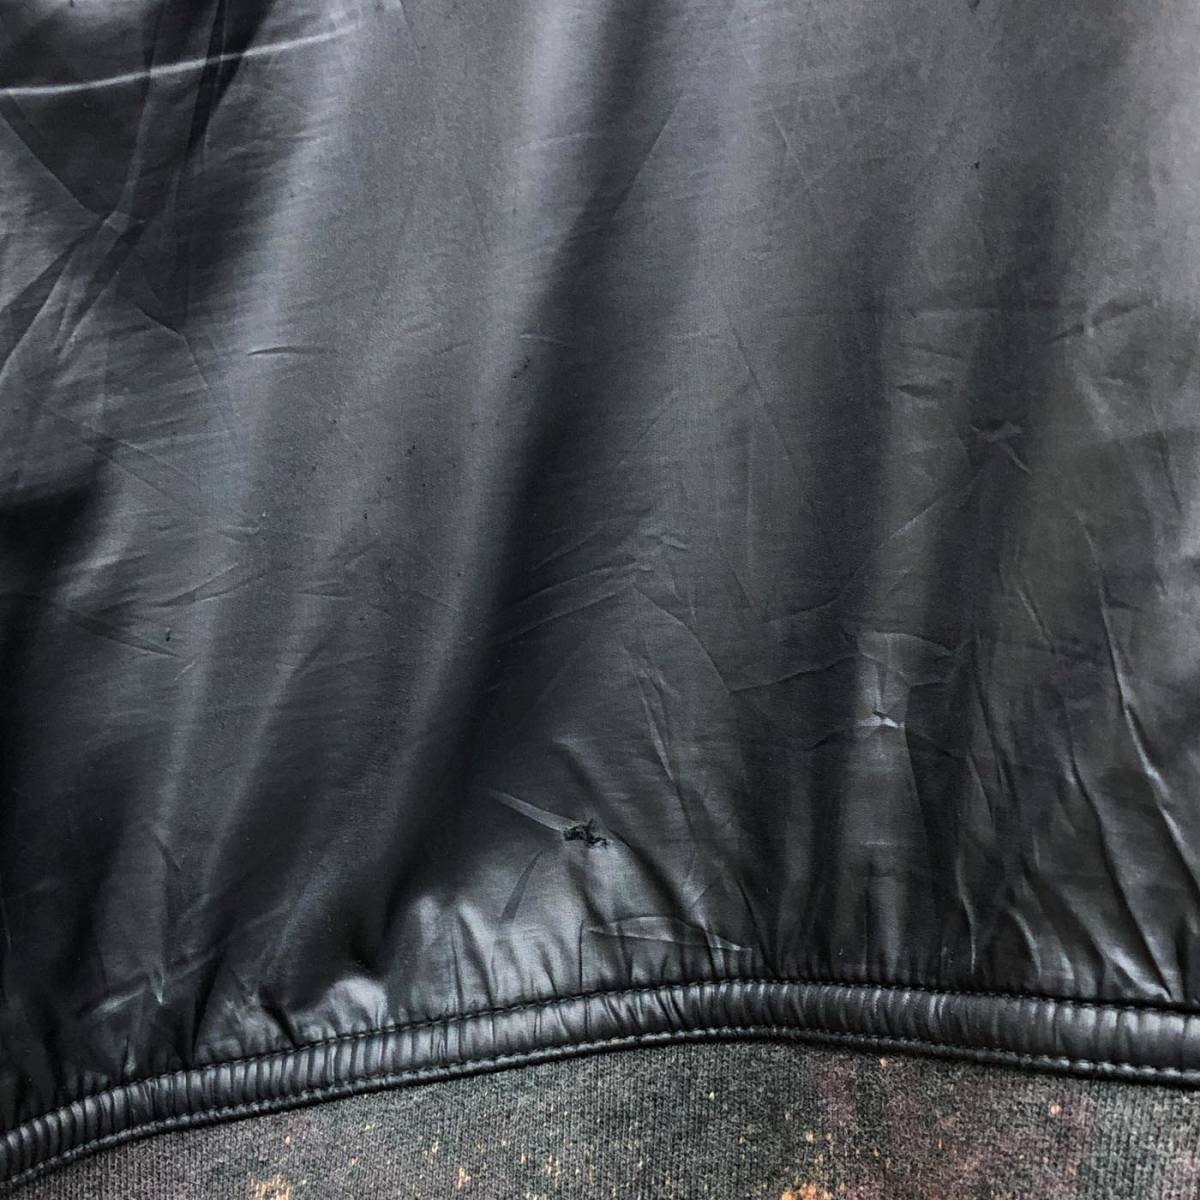 アディダス adidas ジャケット ジャージ スウェット ウィンドブレーカー ダウン 中綿 ブラック MA-1 ブルゾン メンズ Lサイズ 6-29_画像8